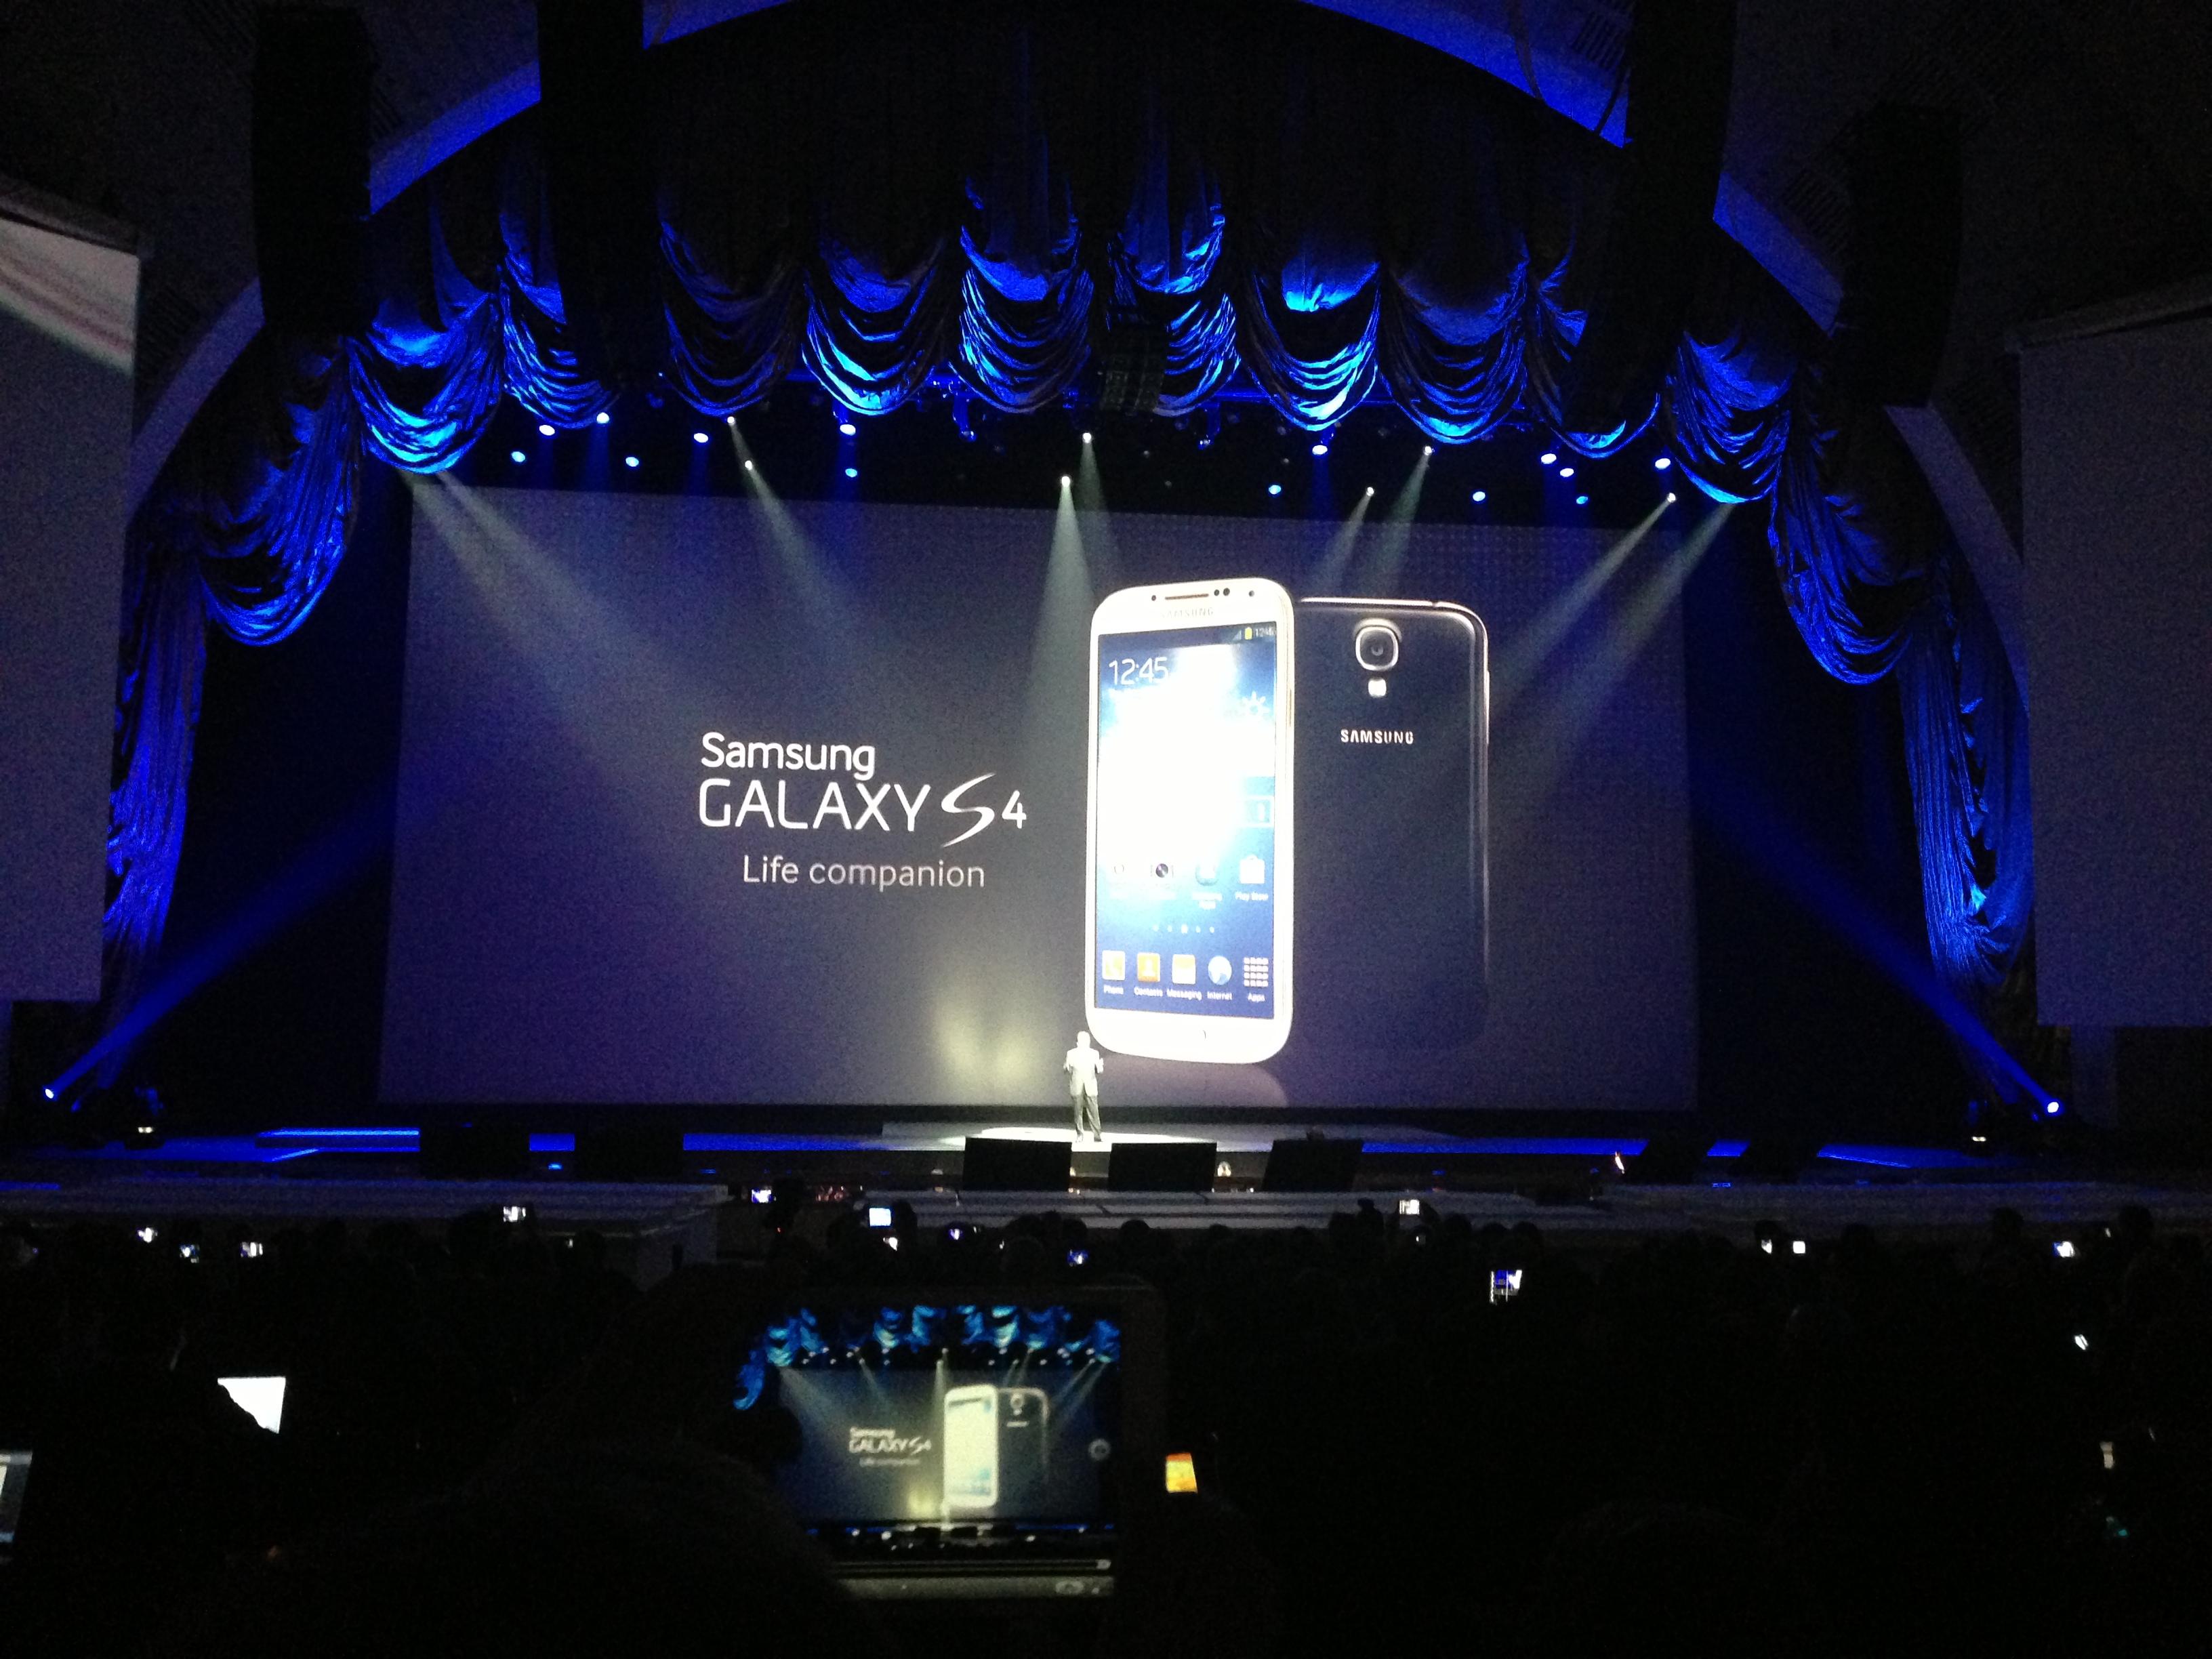 Samsung RIlis Galaxy S4 Value dengan OS Android KitKat